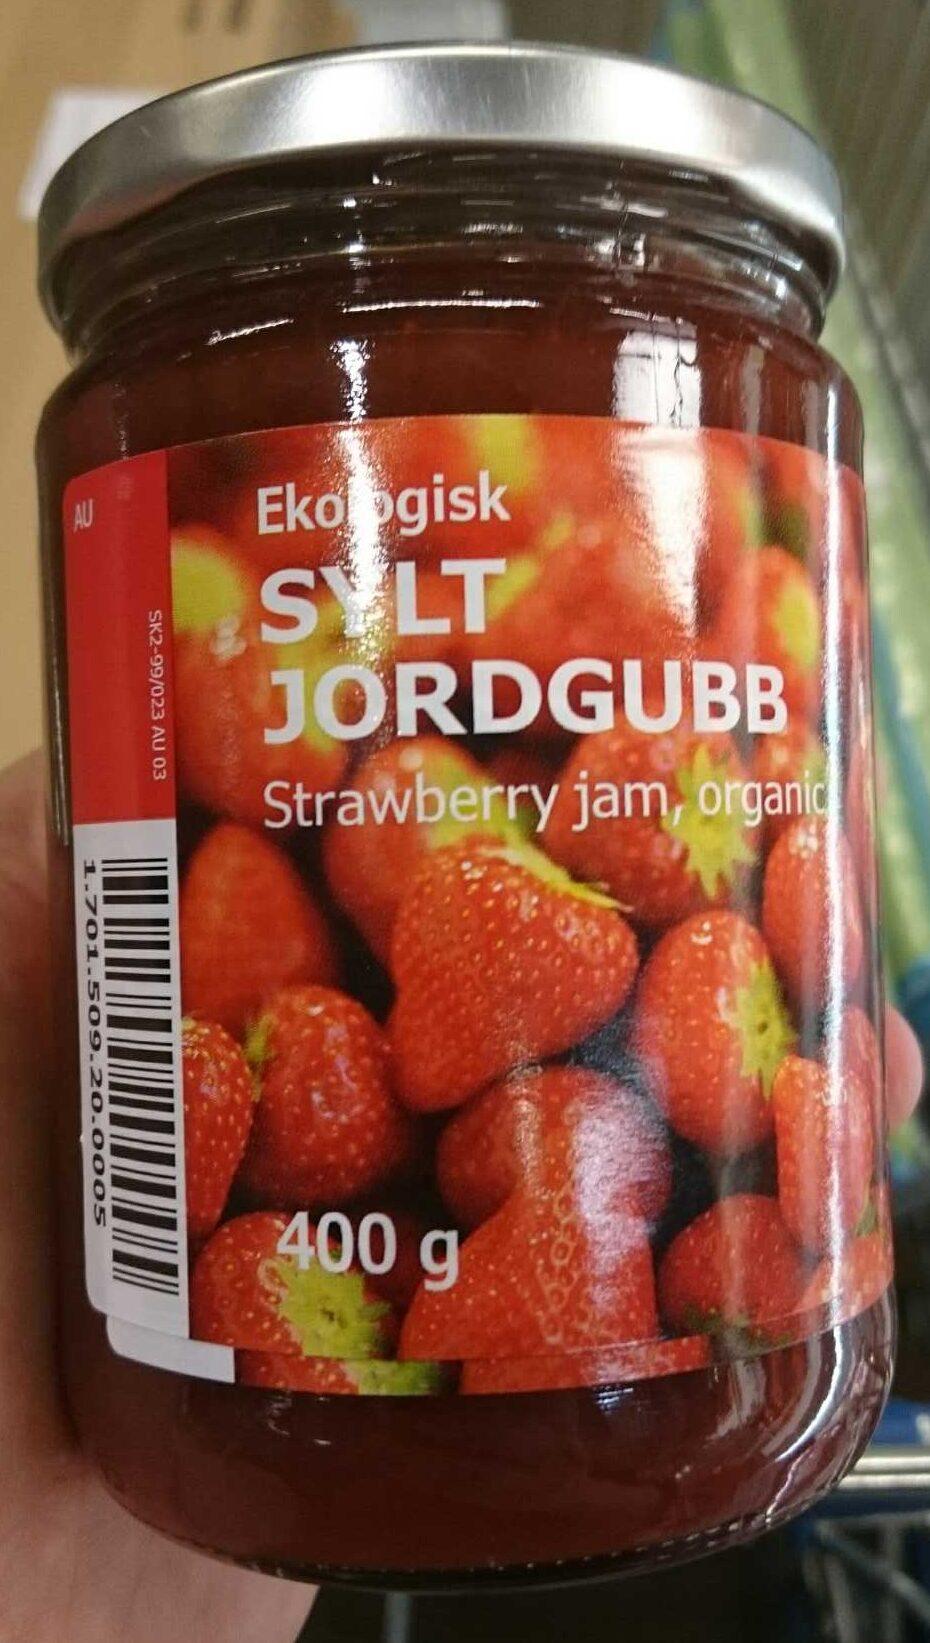 Ekologisk sylt jordgubb strawberry jam - Product - en